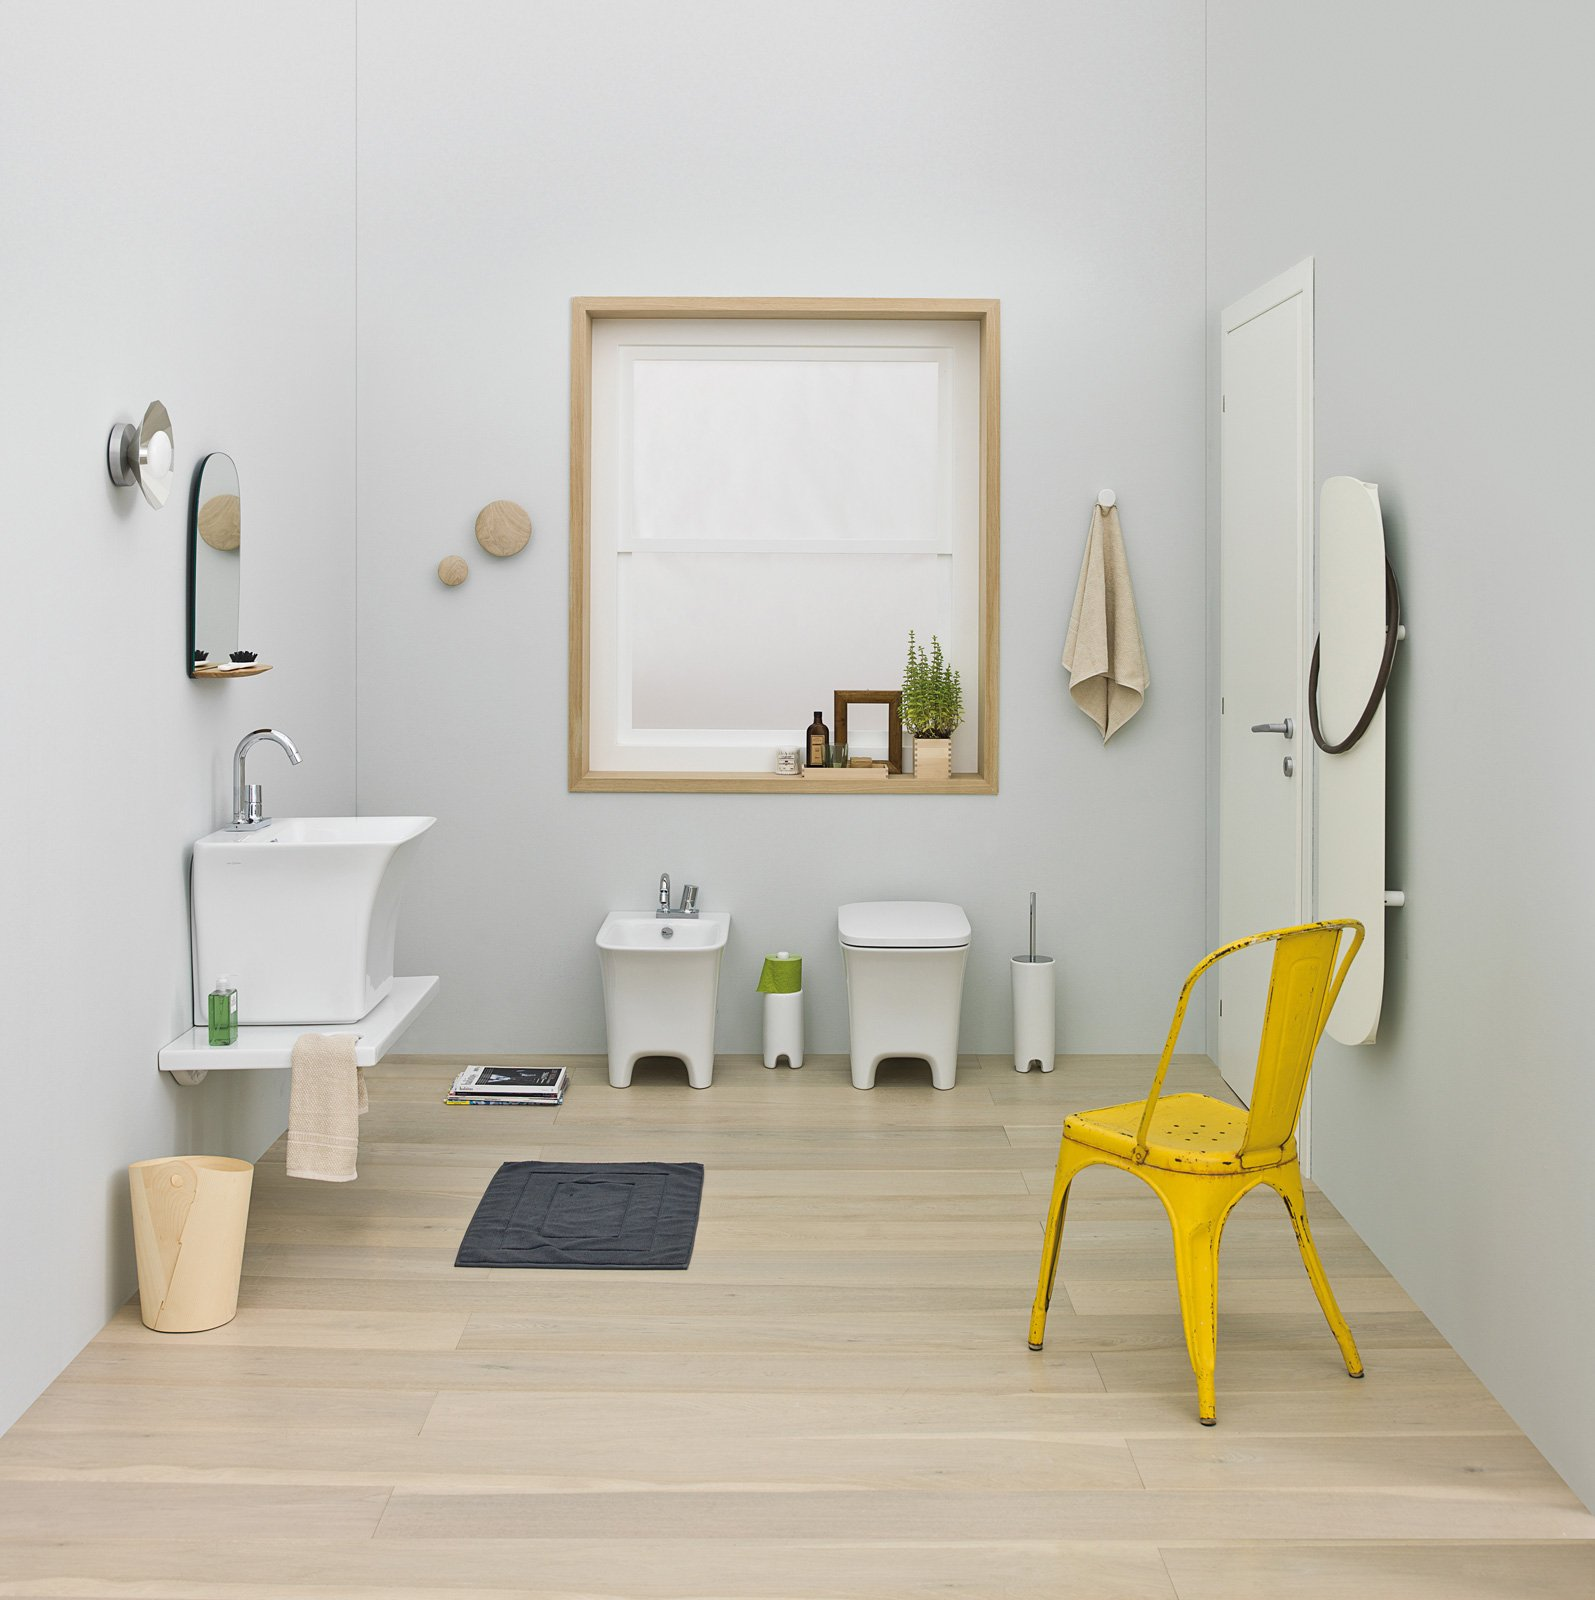 Salvaspazio per il bagno water e bidet piccoli cose di casa for Piccoli disegni di casa